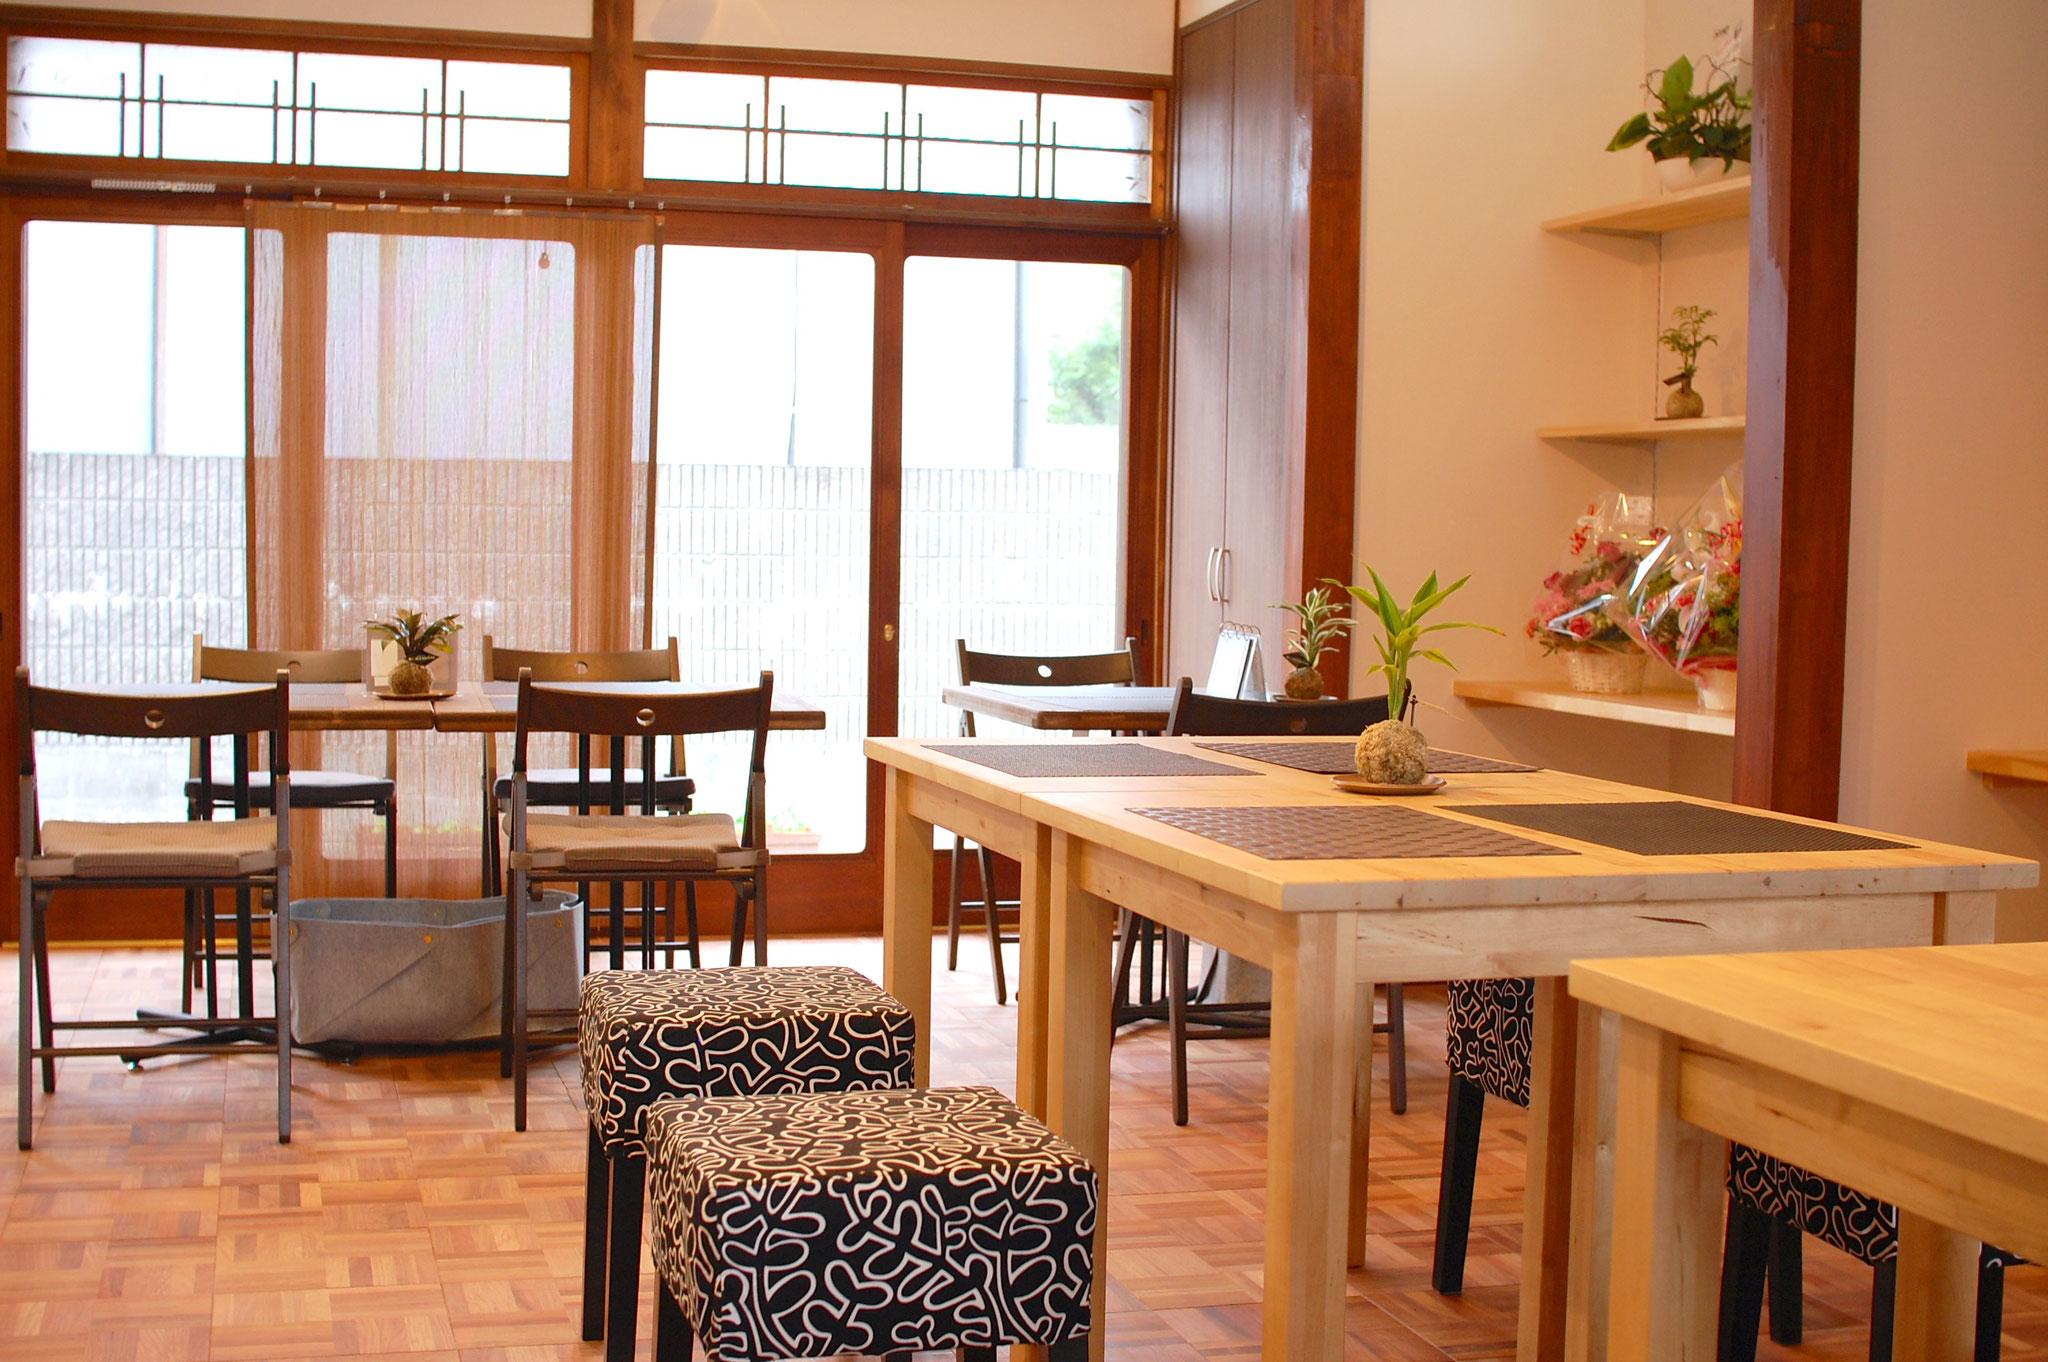 ランチ&カフェは定休日の水・日を除く月火木金土曜日です。